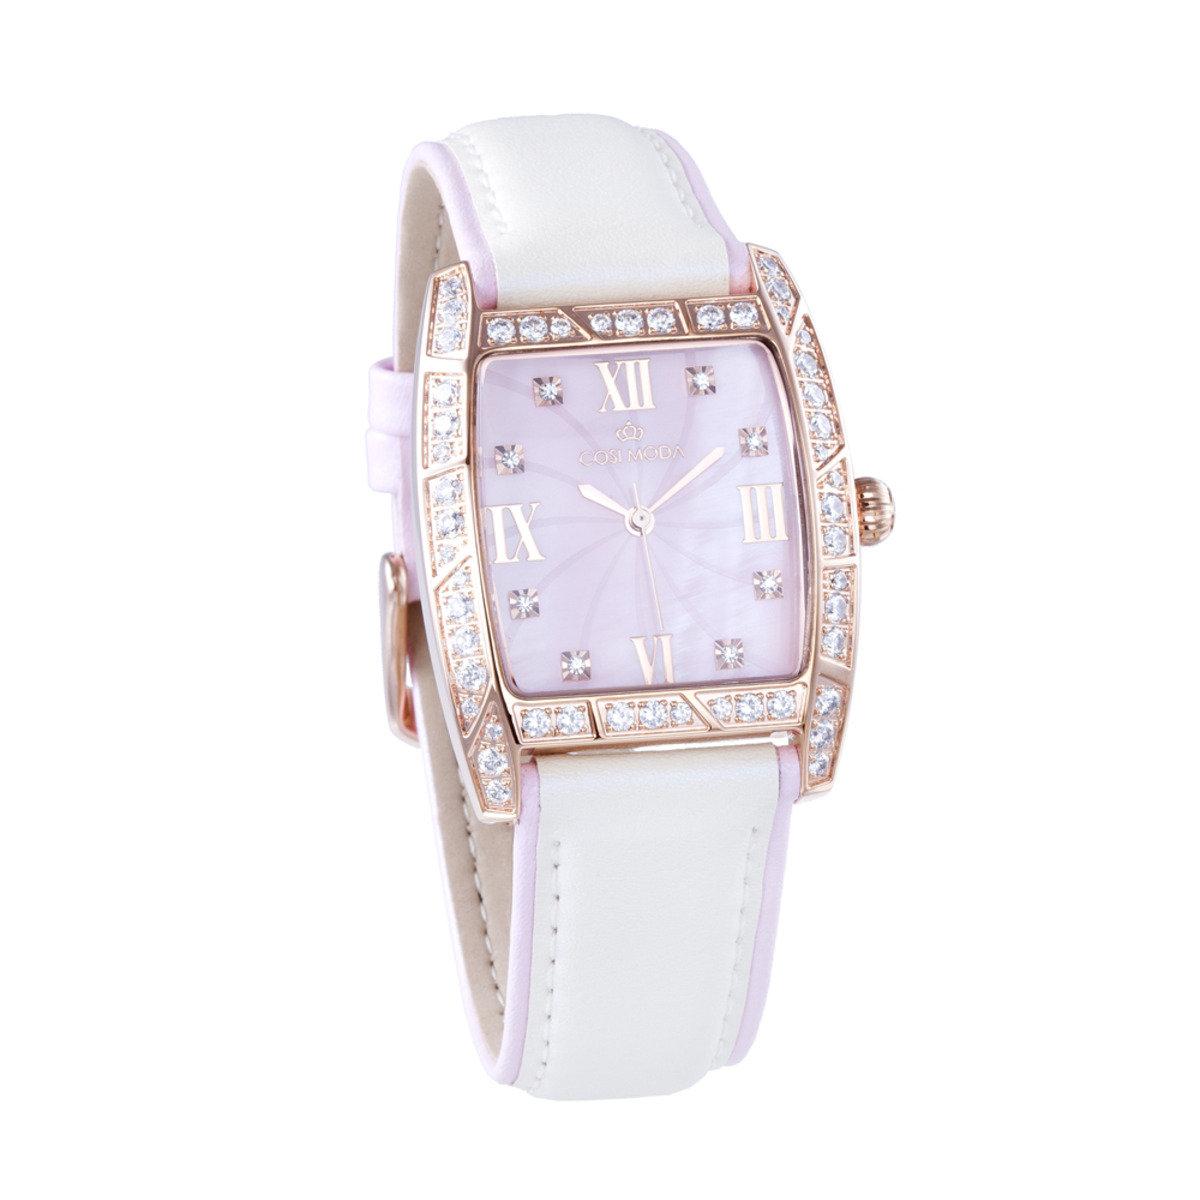 真皮 玫瑰金 精鋼 腕錶-簡潔